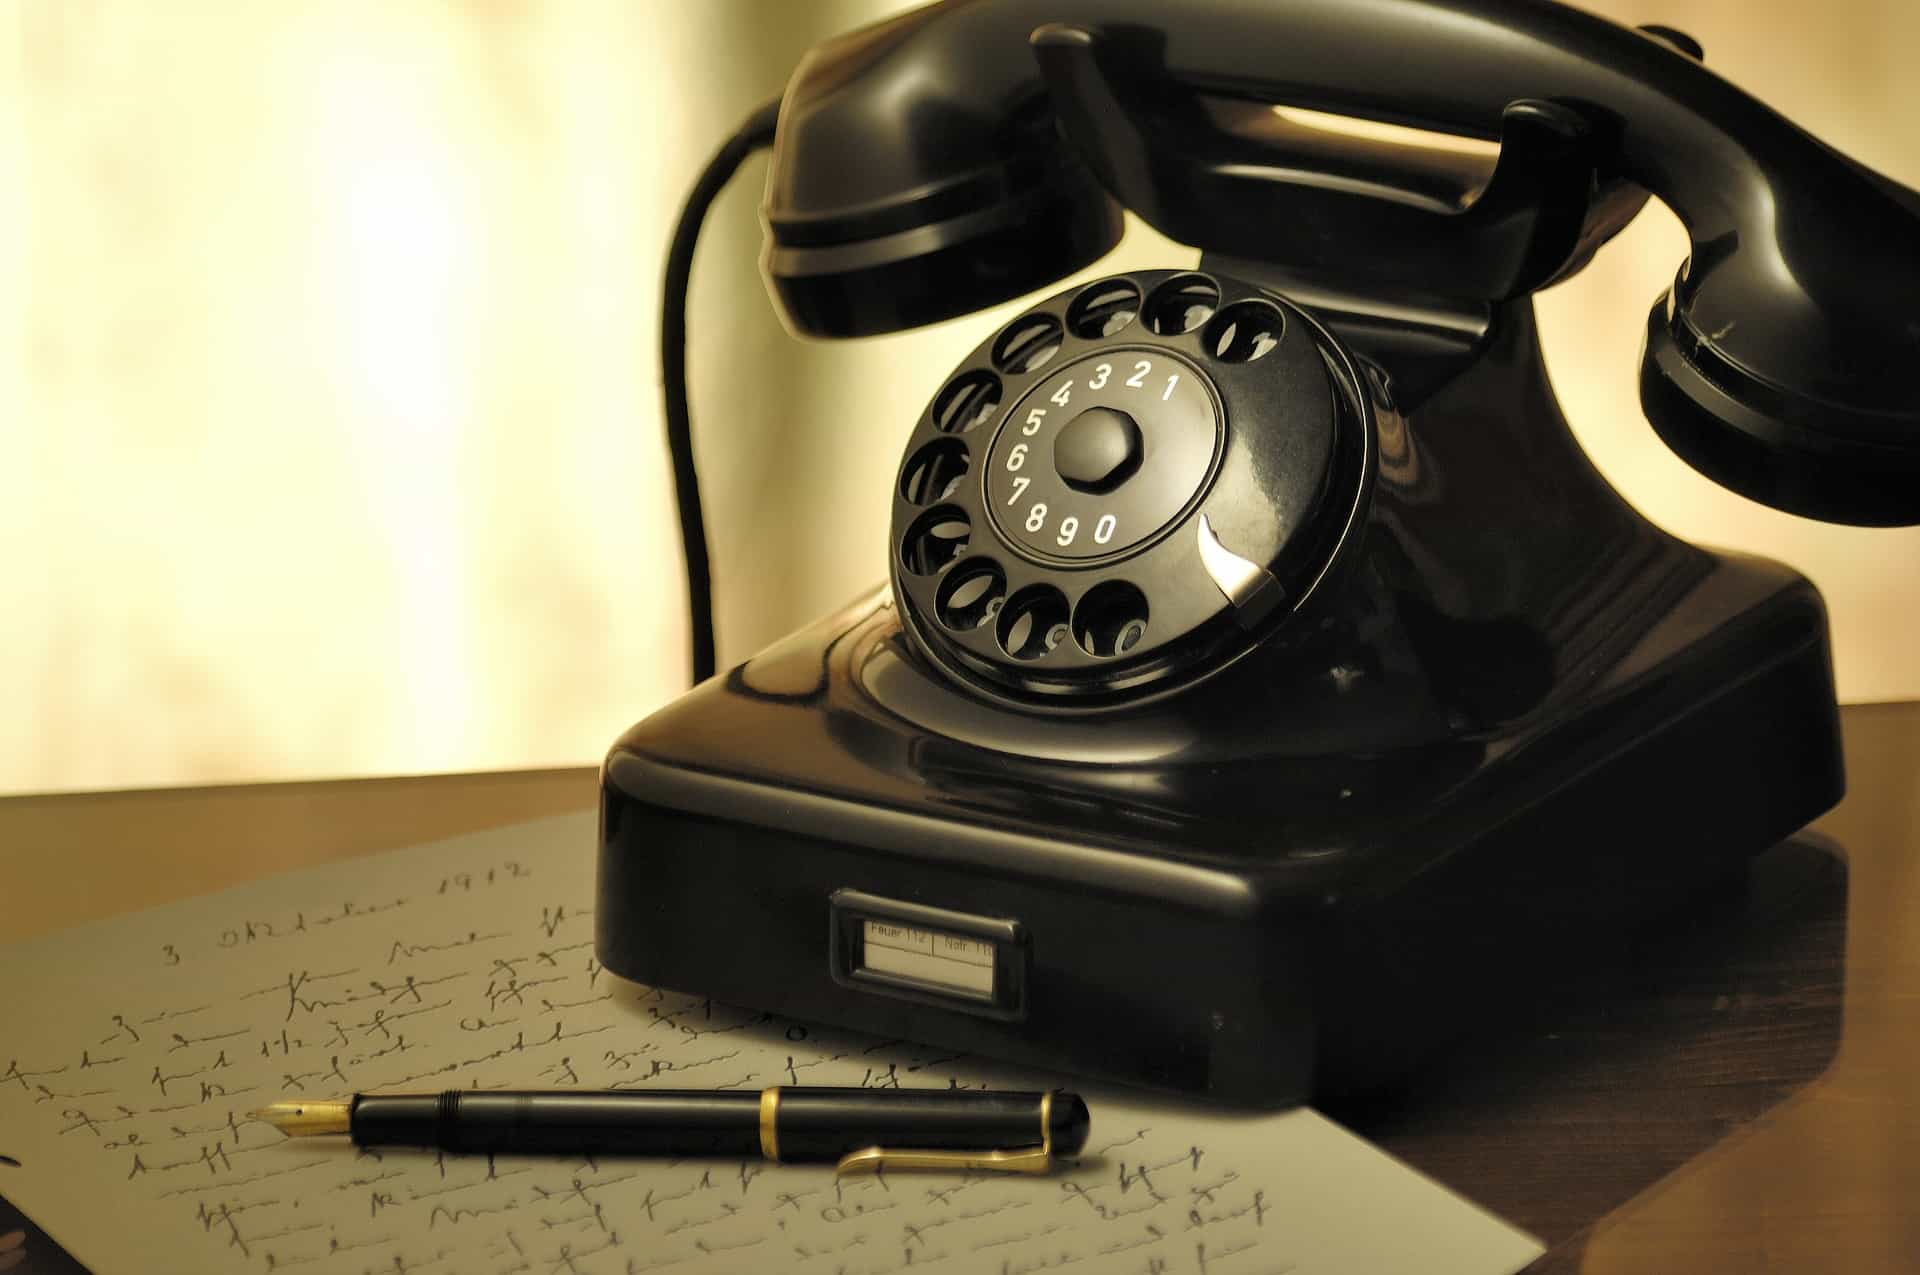 Haustelefon Test 2020: Die besten Haustelefone im Vergleich